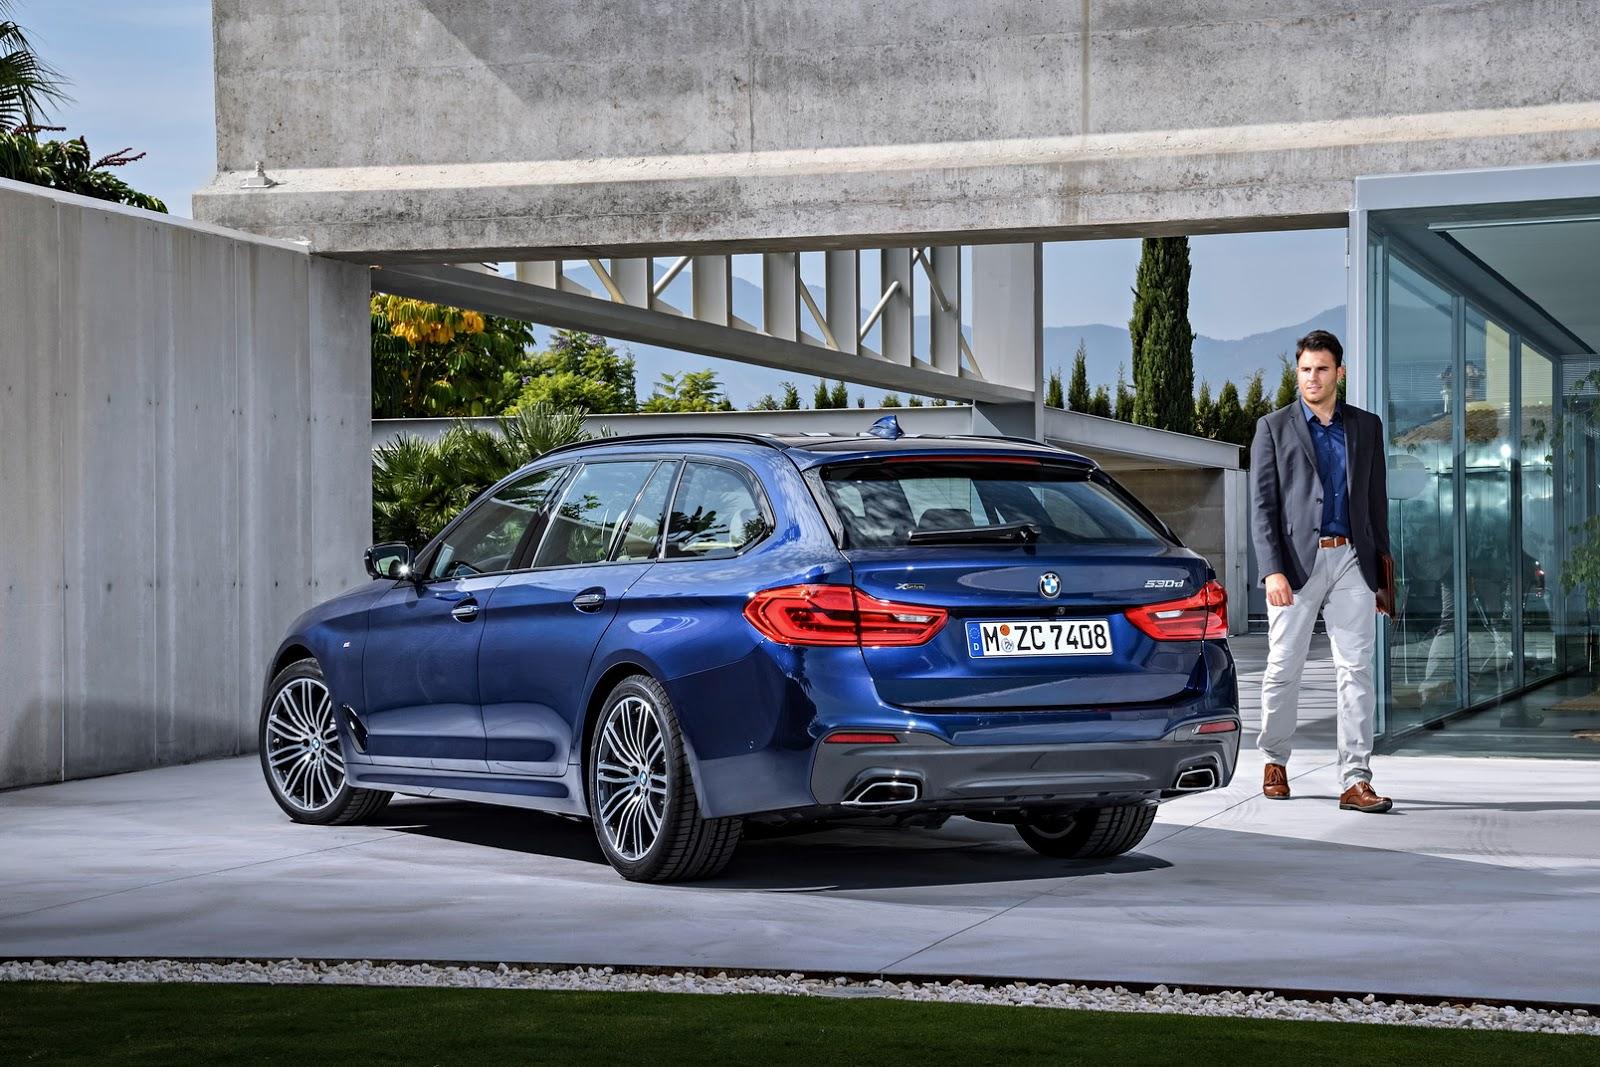 2018-BMW-5-Series-Touring-5